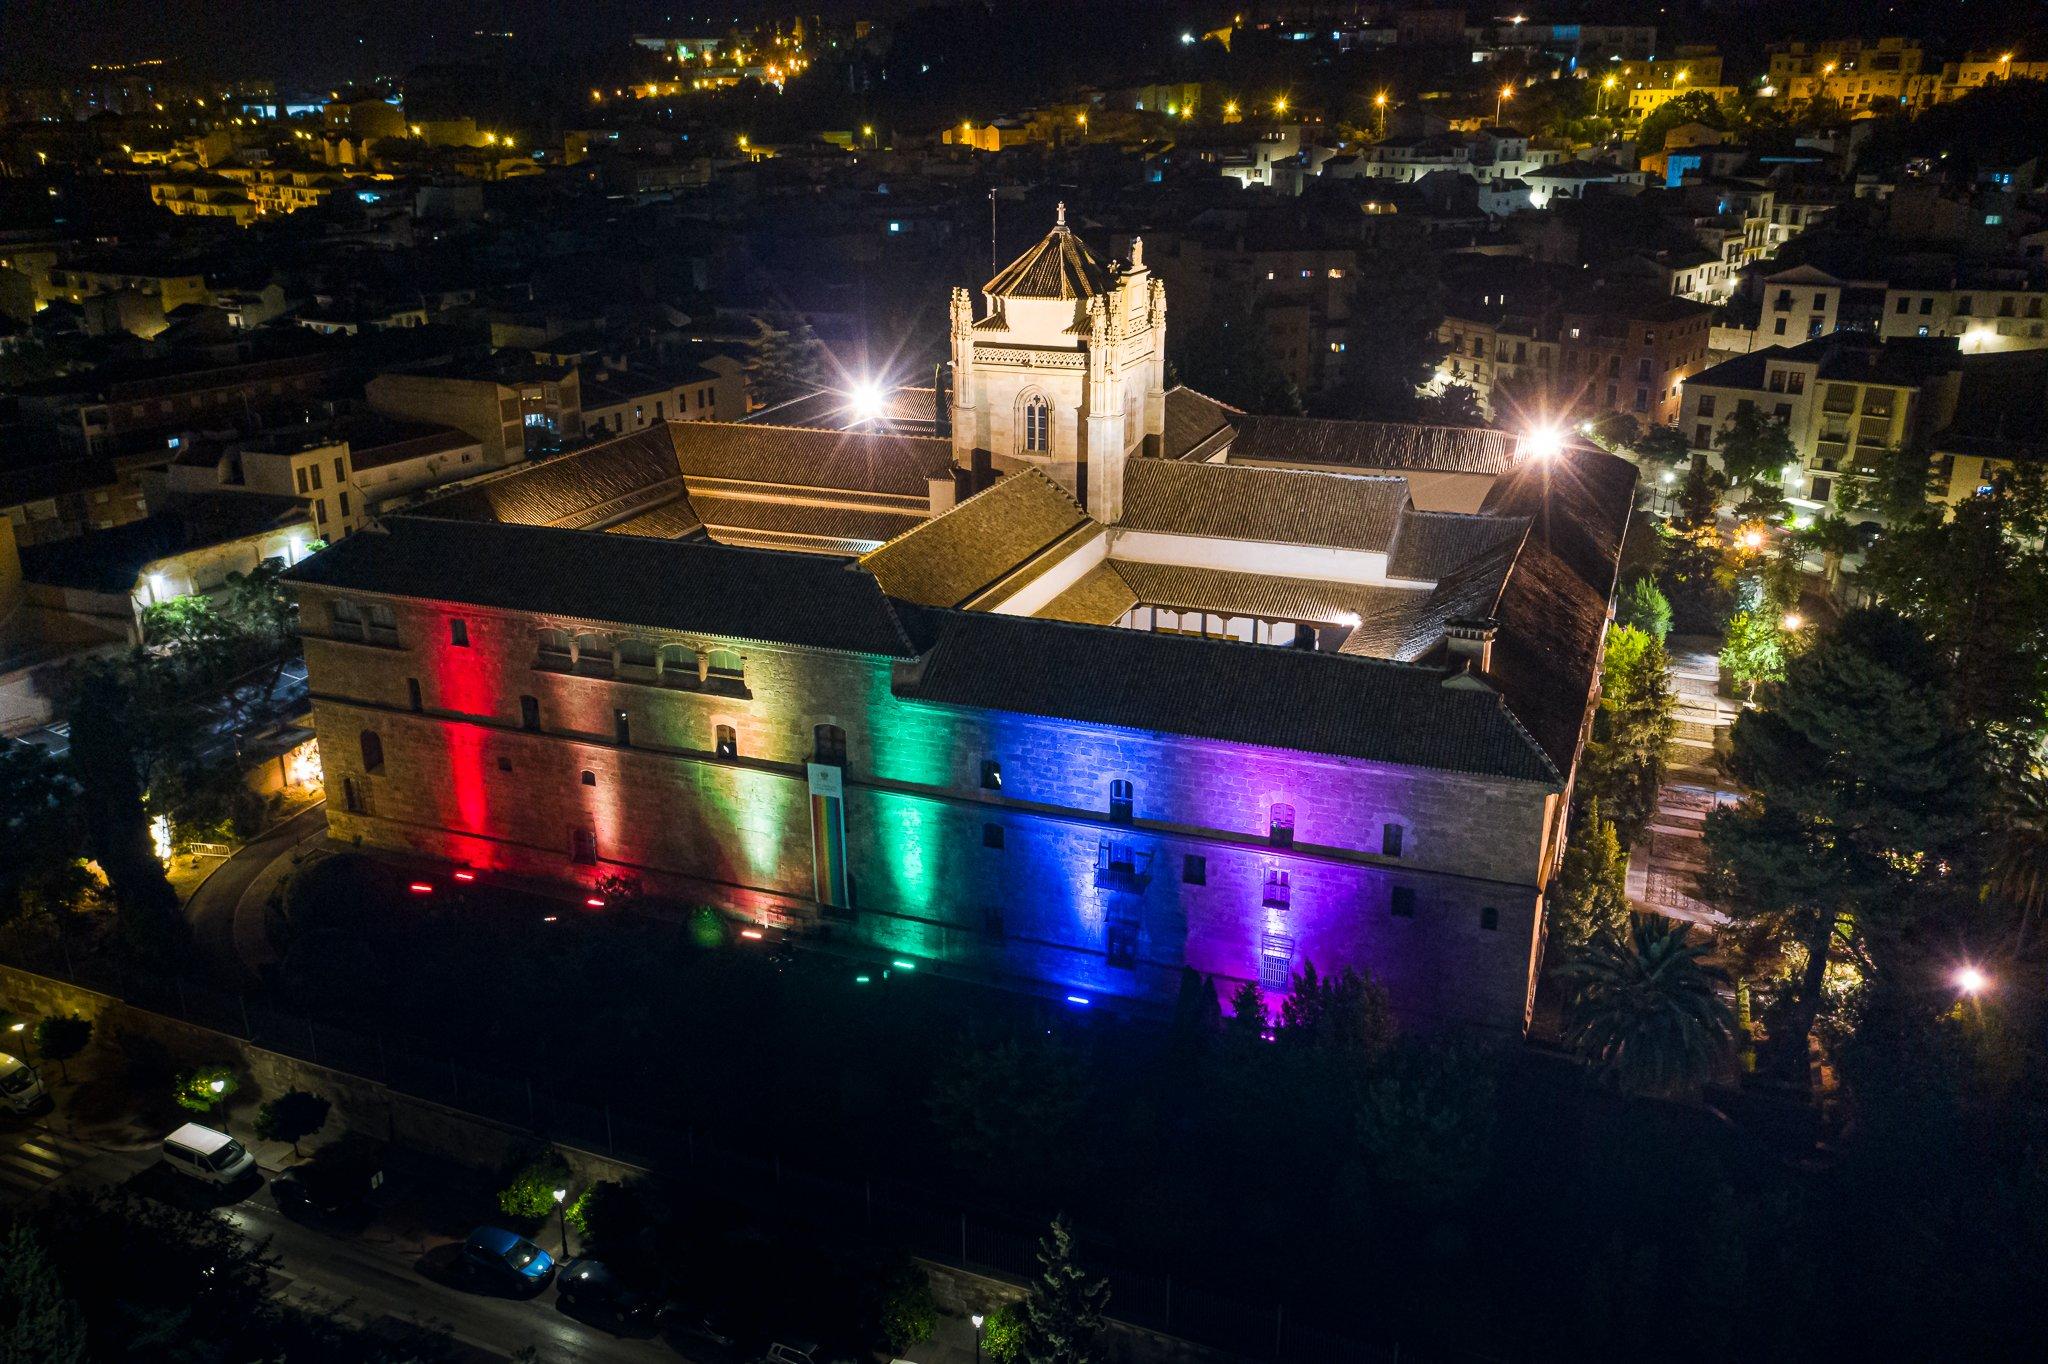 El Hospital Real se ilumina con la bandera arcoris el domingo 28 de junio